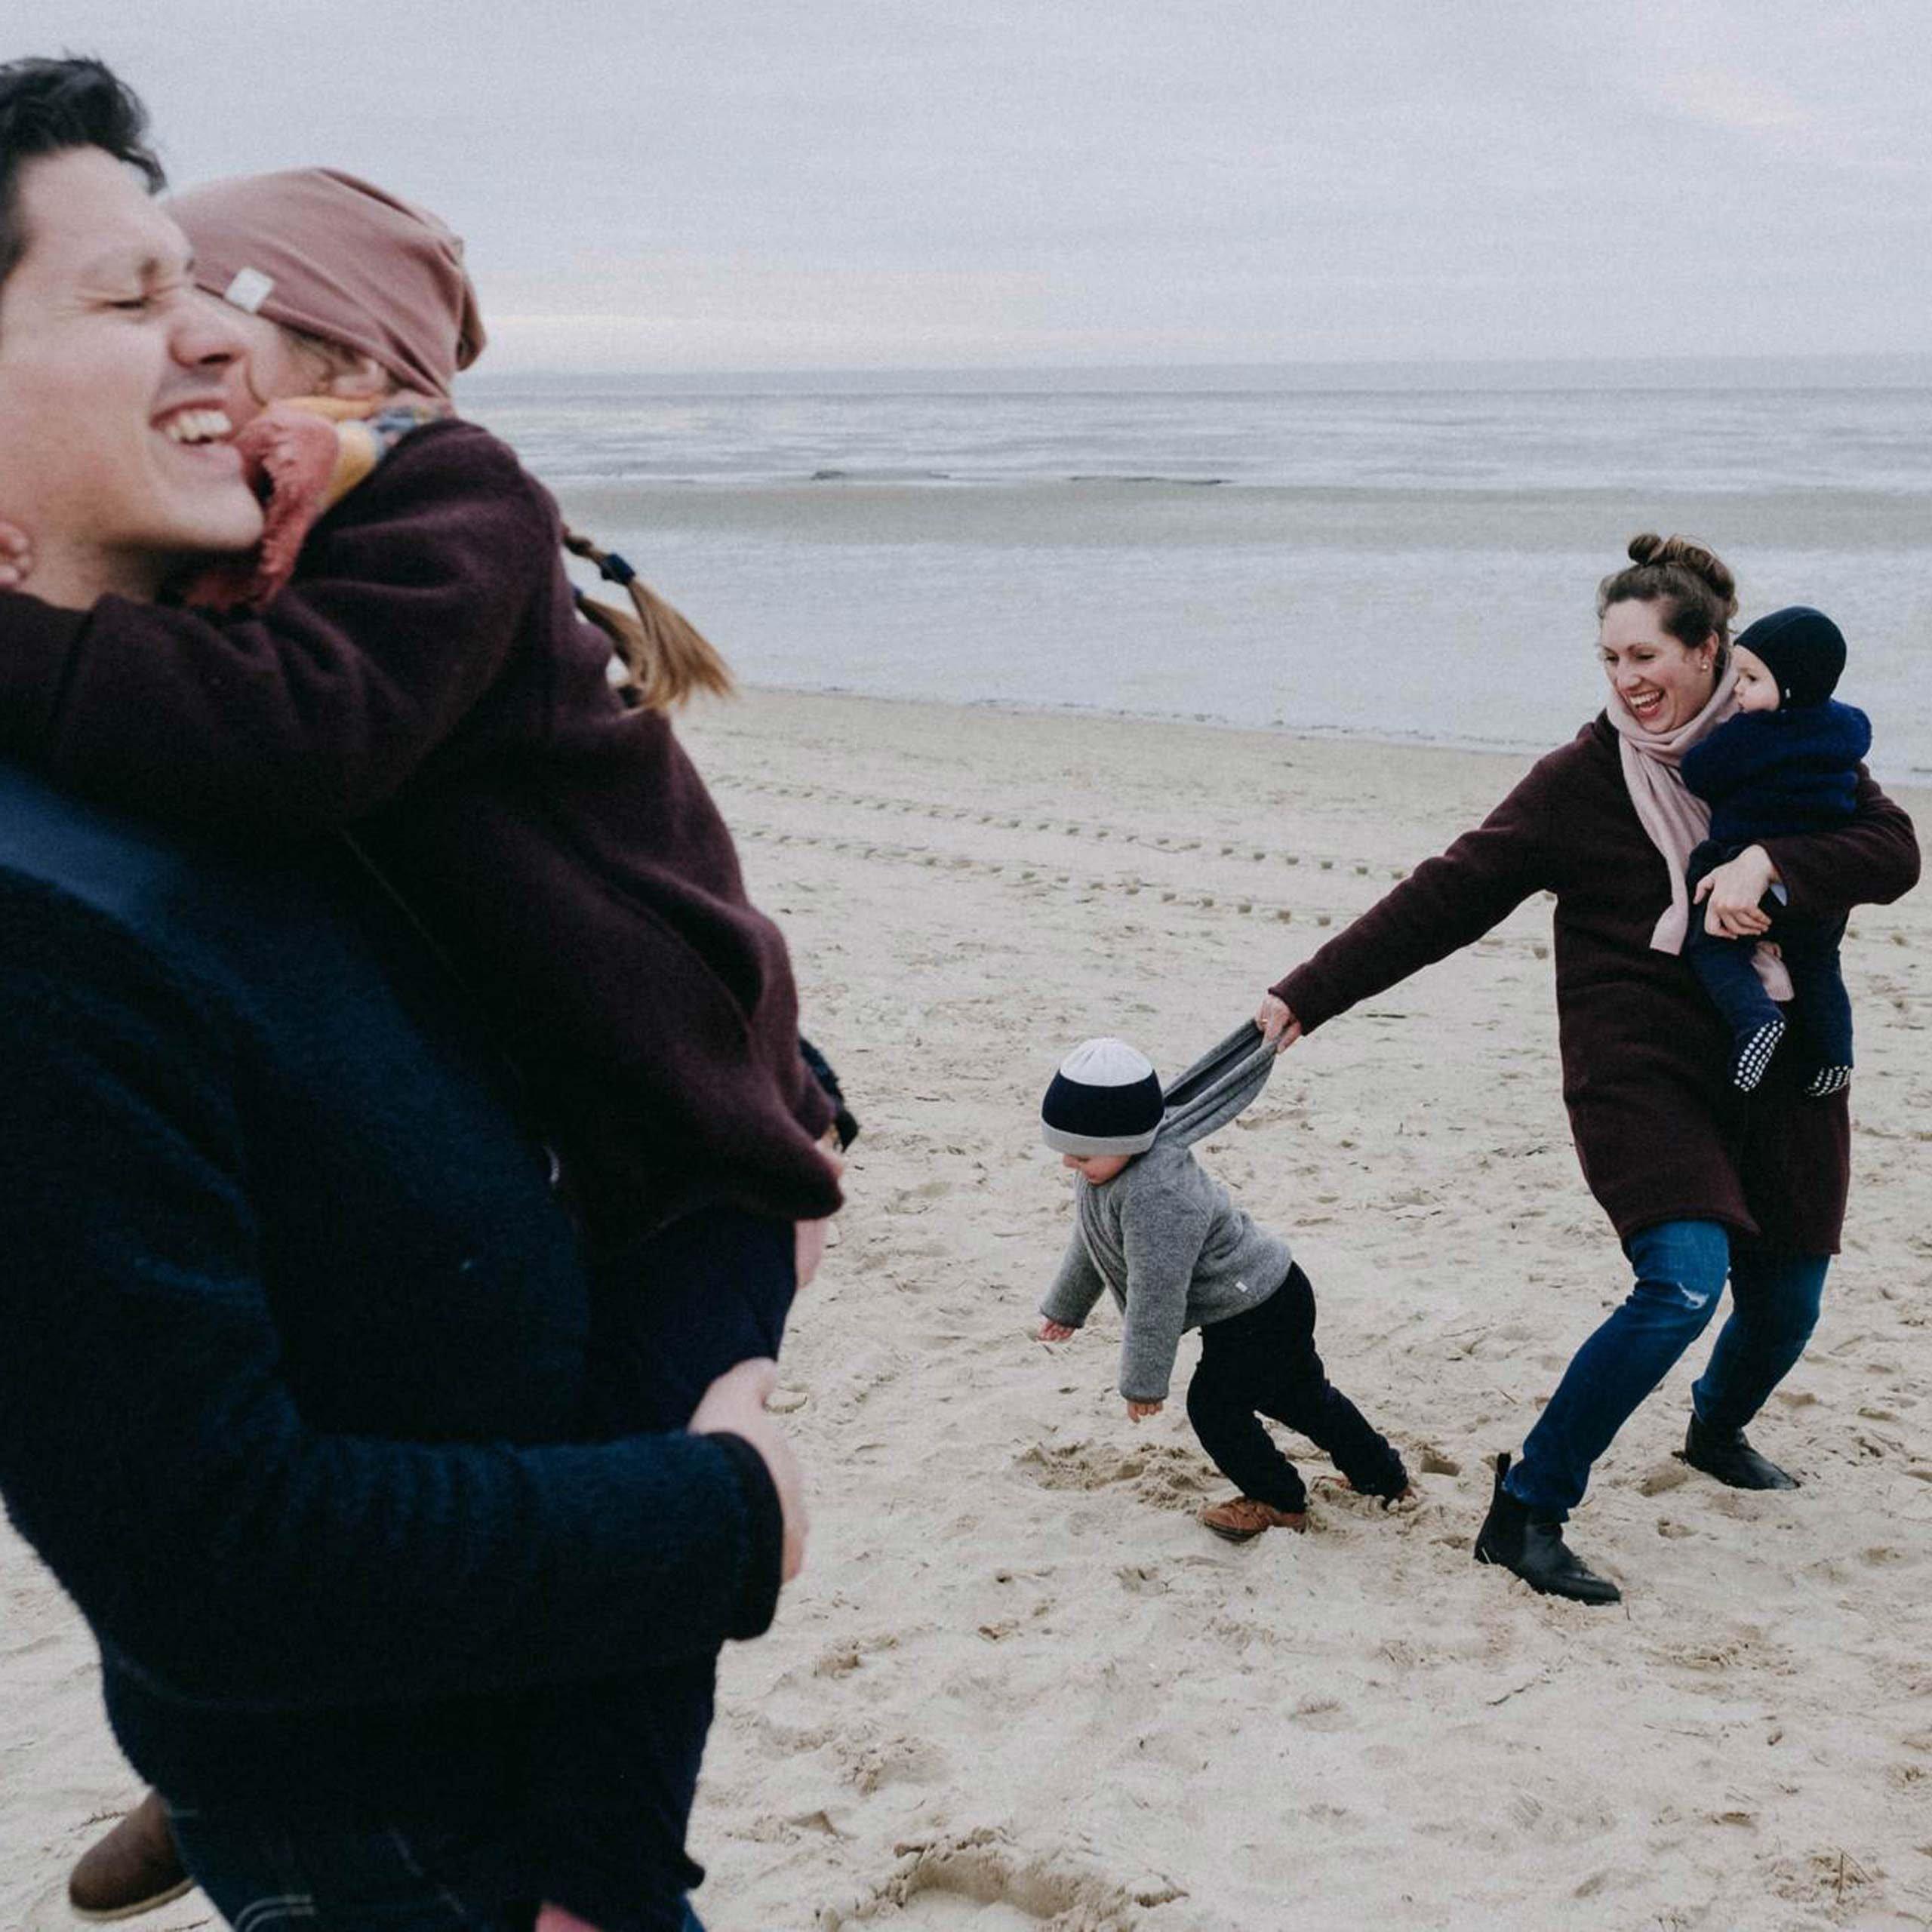 Familie Bonelli am Strand der Nordsee